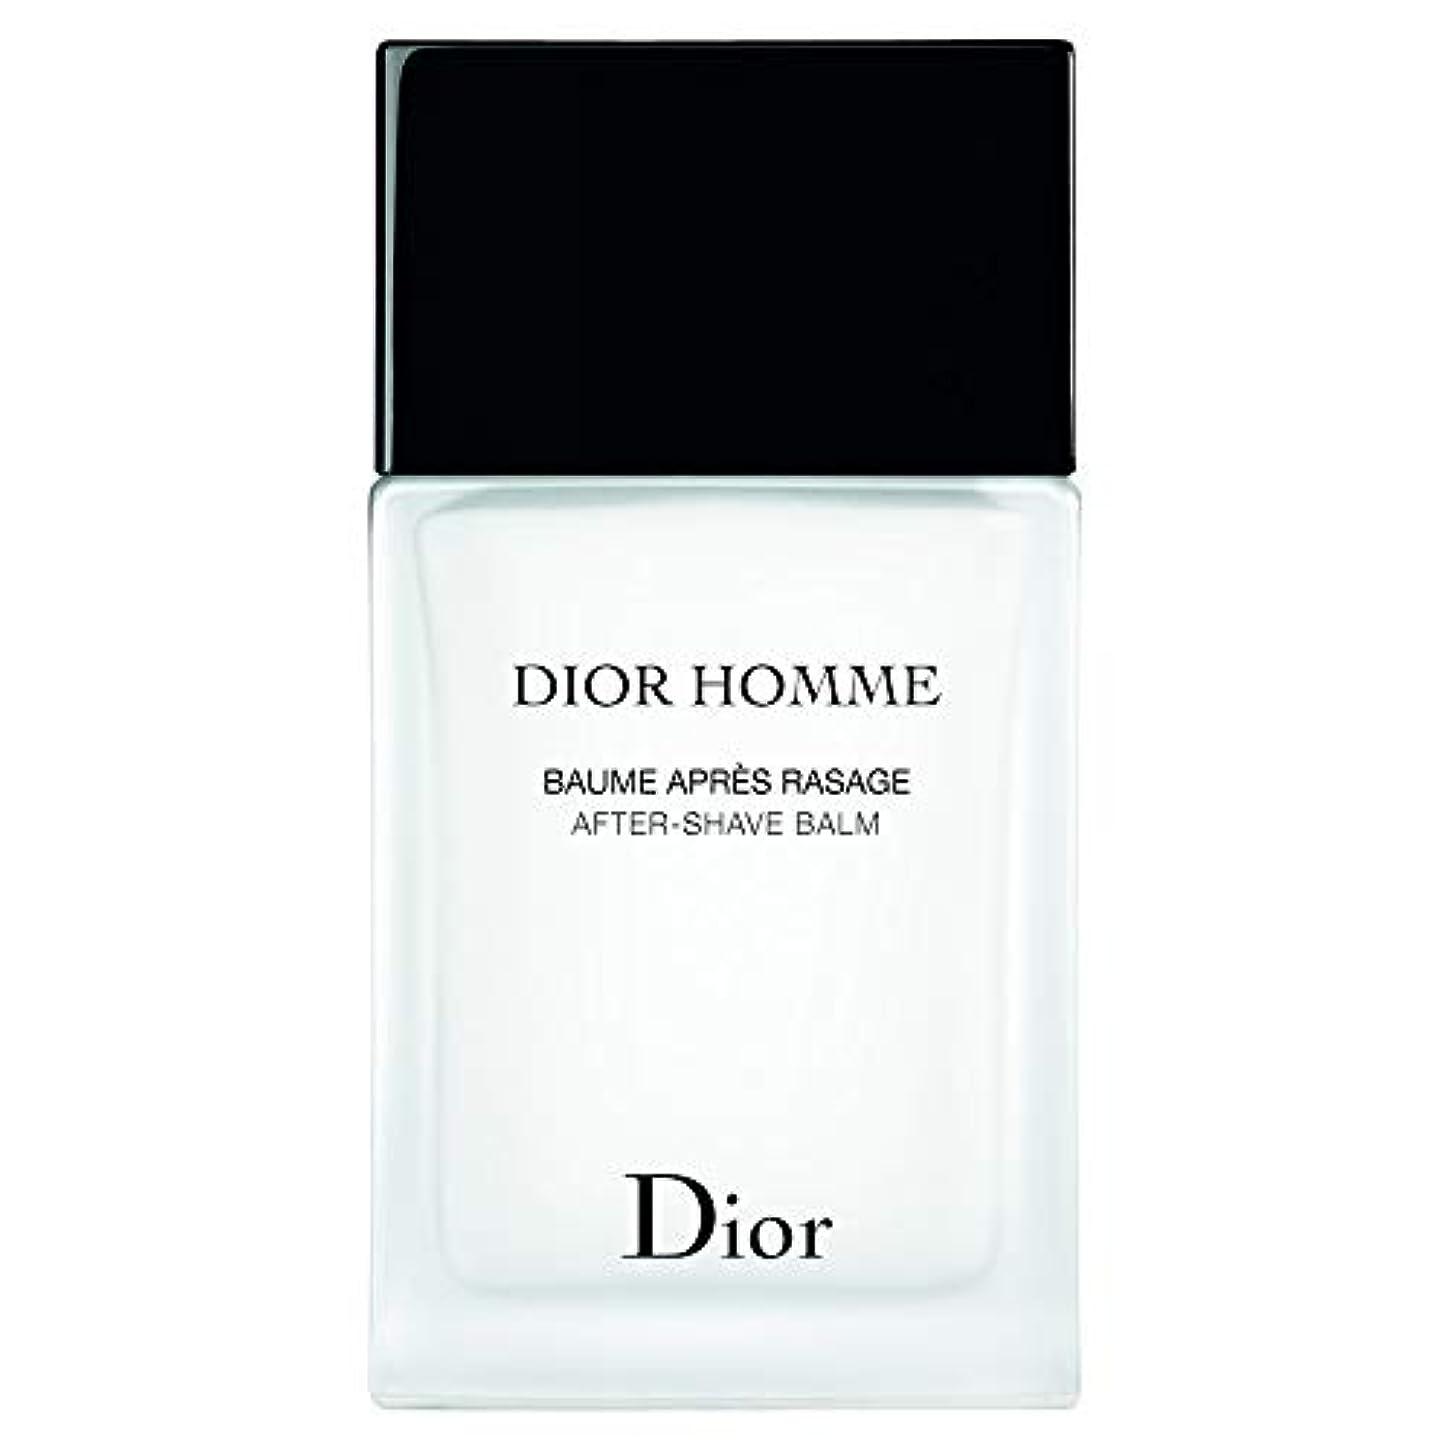 依存する銅桁[Dior] ディオールオムアフターシェーブバーム100ミリリットル - Dior Homme After-Shave Balm 100ml [並行輸入品]